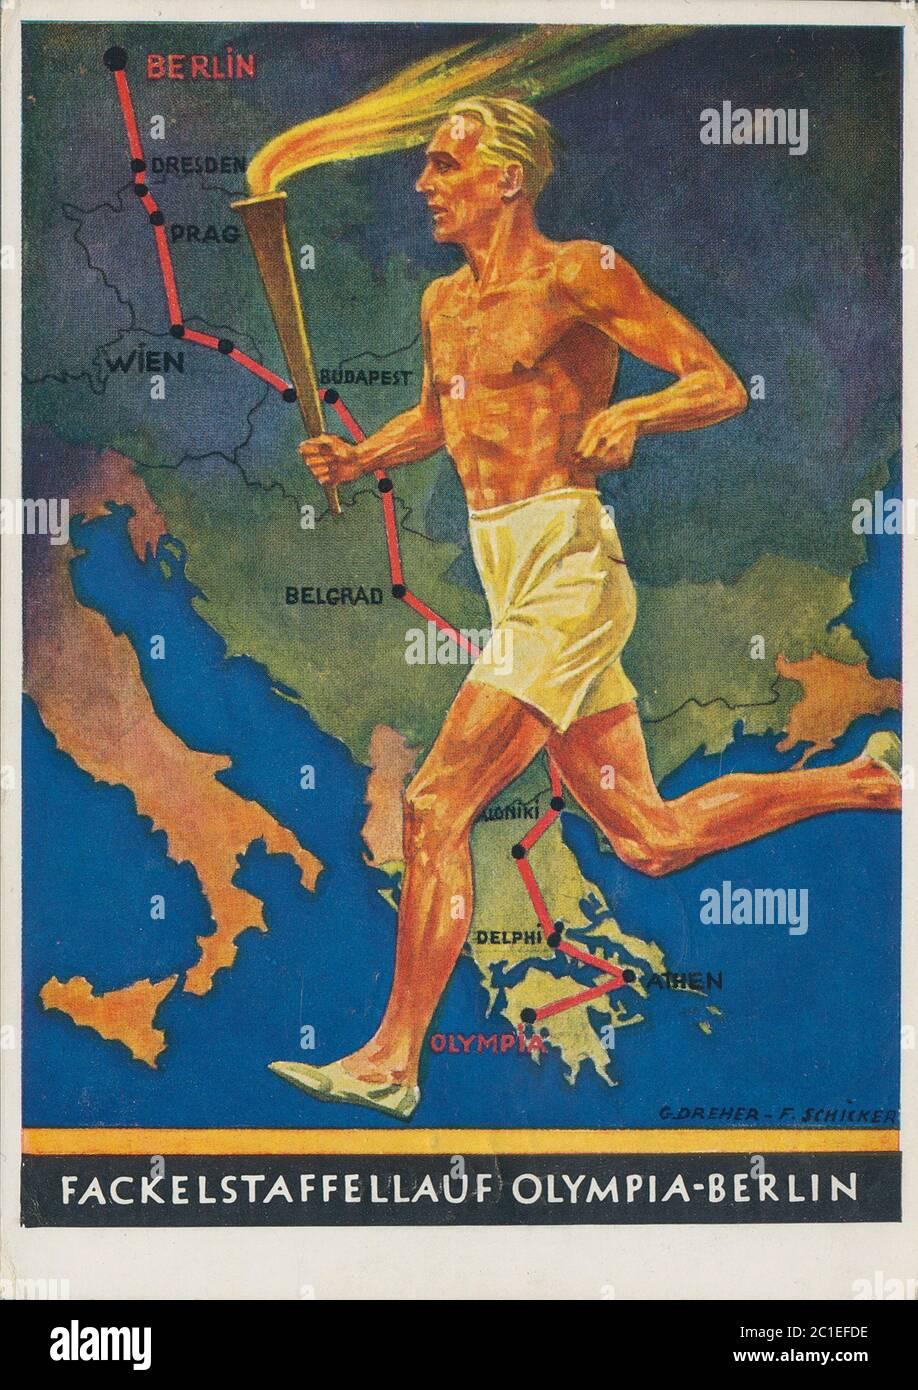 Los Juegos Olímpicos de 1936, oficialmente conocidos como los Juegos de la XI Olimpiada (en alemán: Spiele der XI Olympiade), fue un evento internacional multideportivo Foto de stock